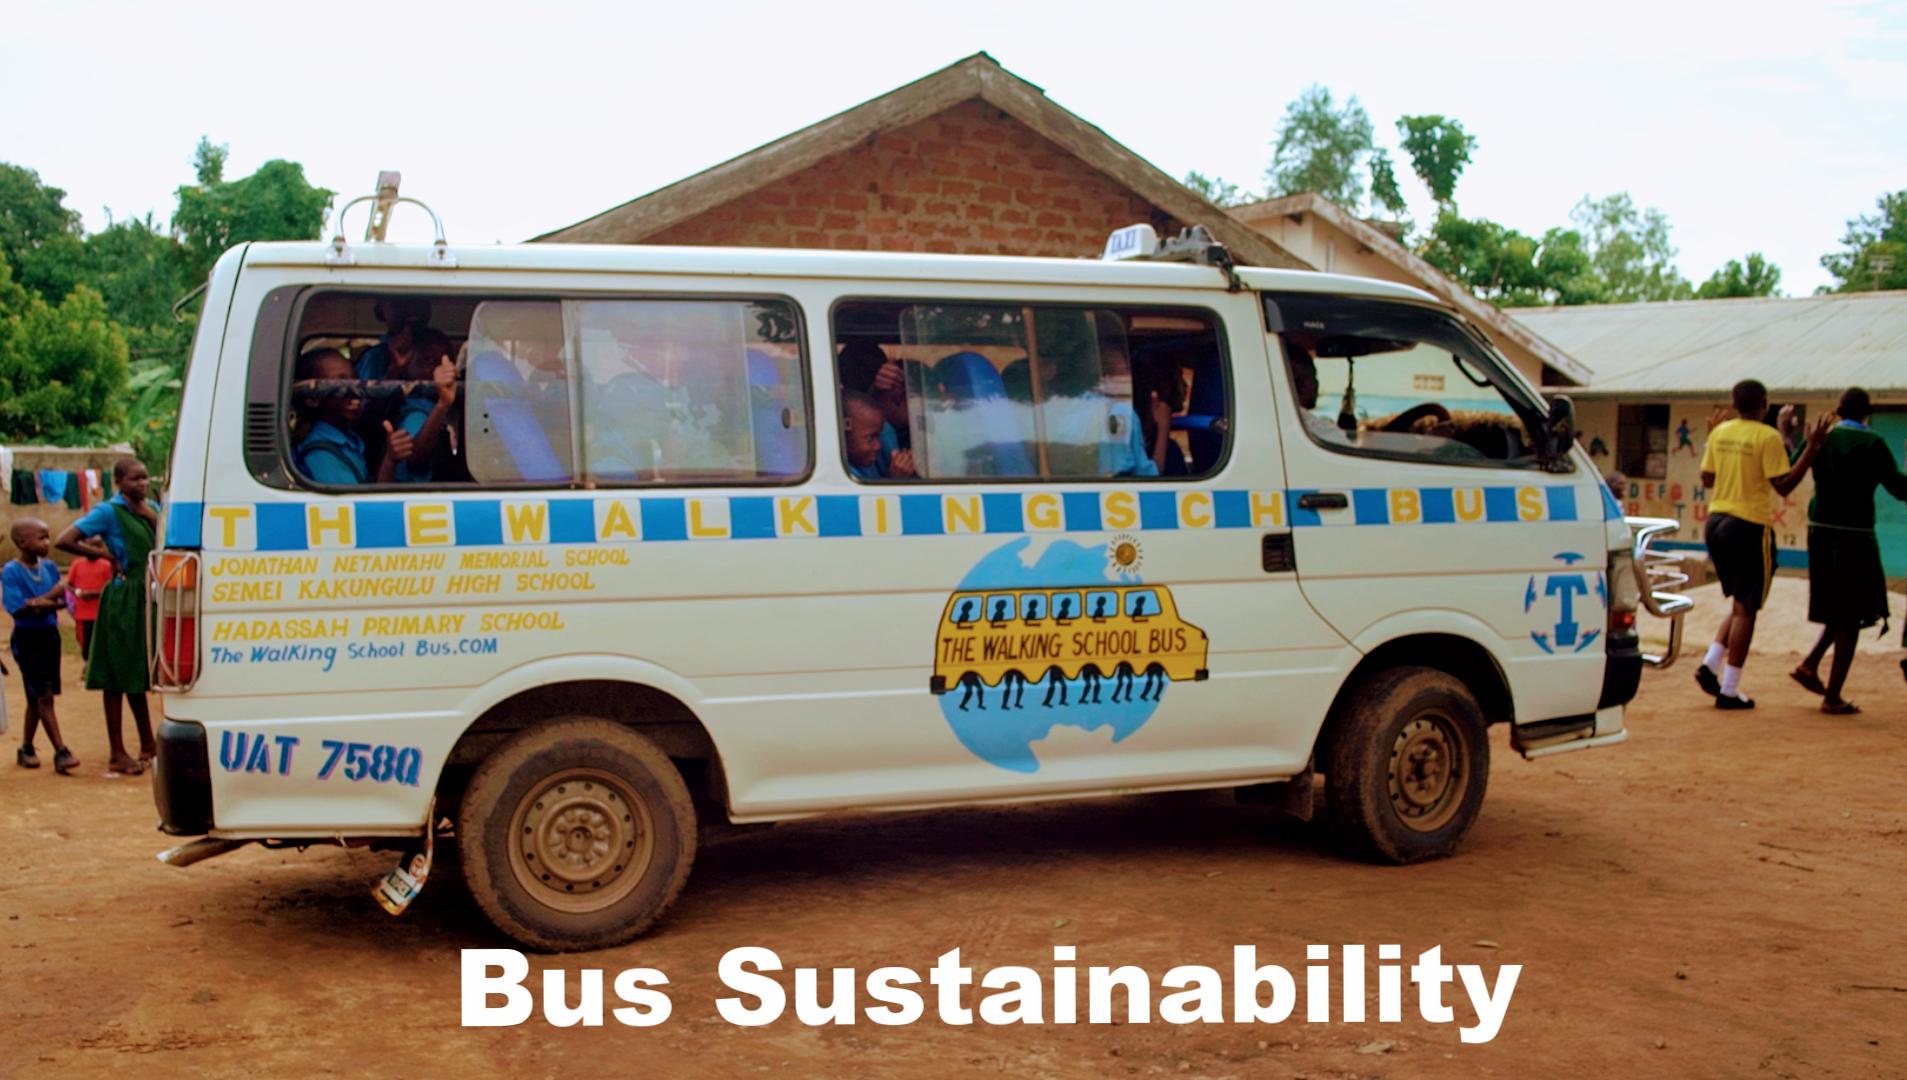 Bus Sustainability